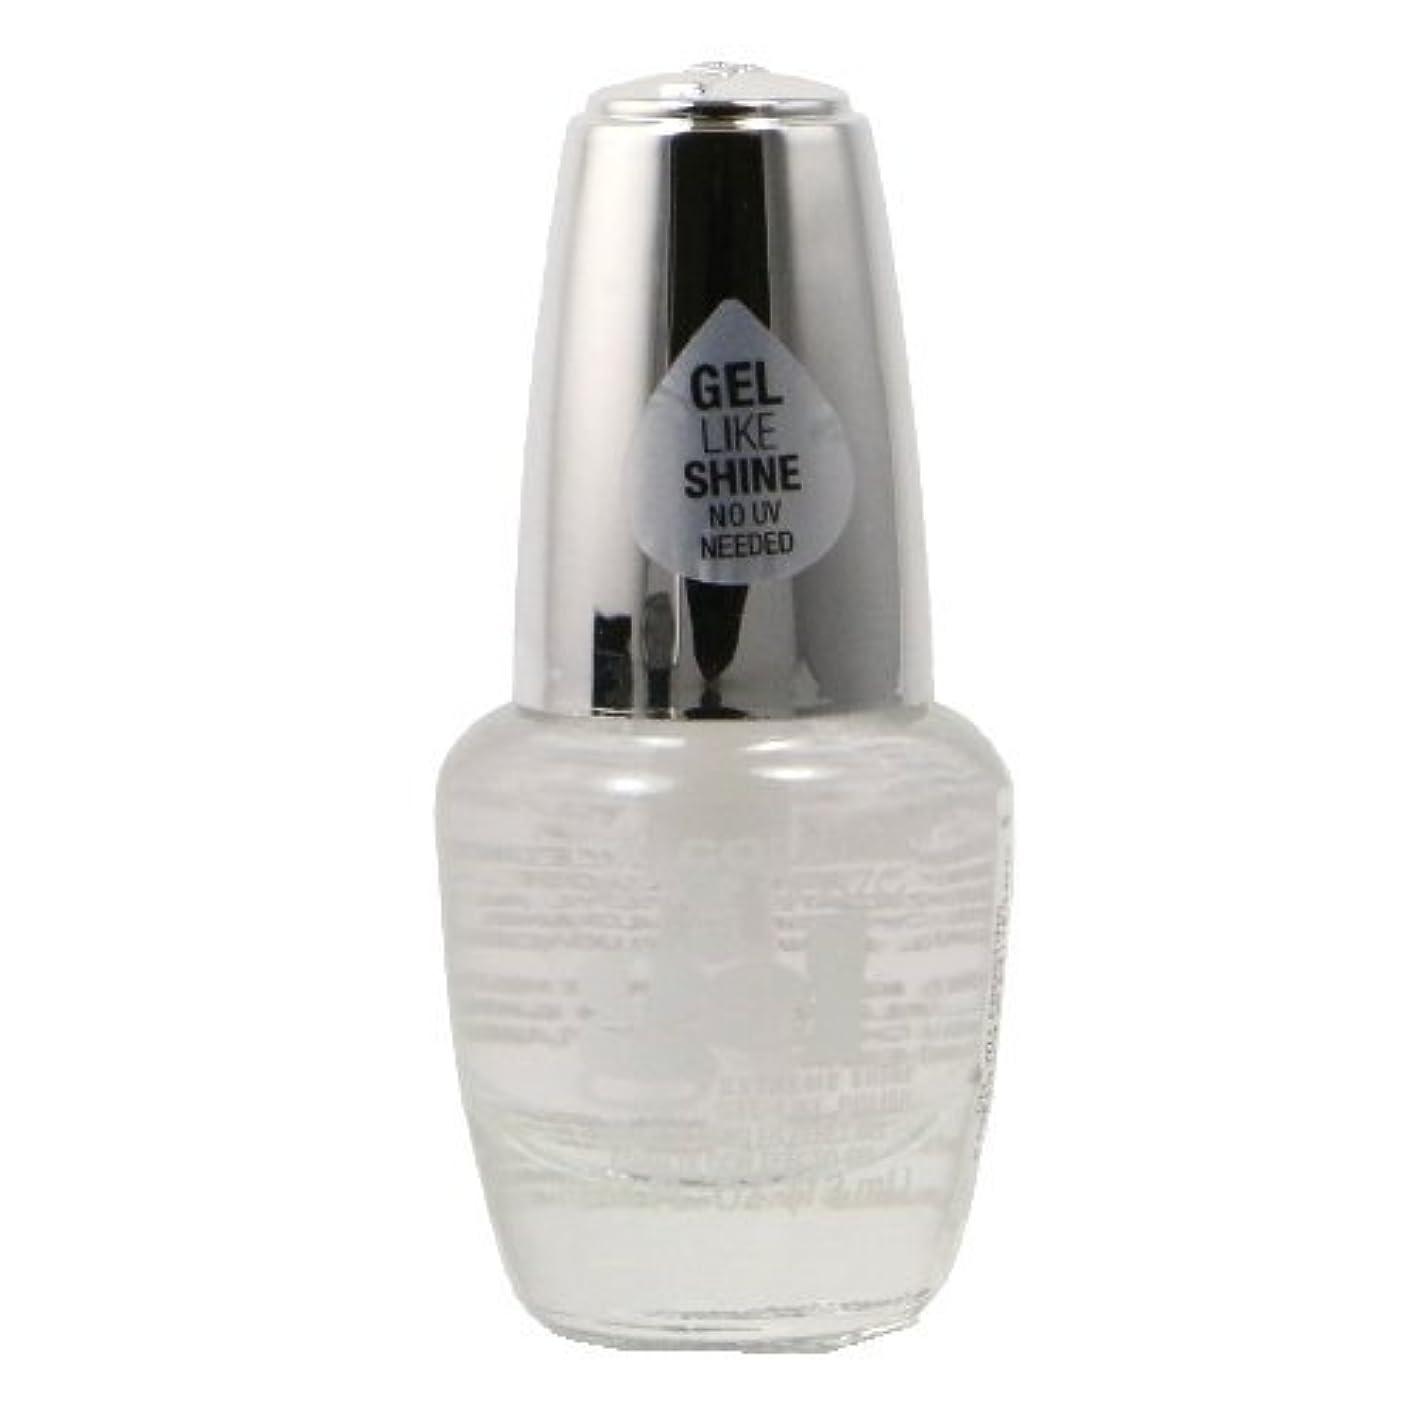 中収穫抽出LA Colors 美容化粧品21 Cnp701美容化粧品21 0.44 fl。 oz。 (13ml) フロスティング(cnp701)